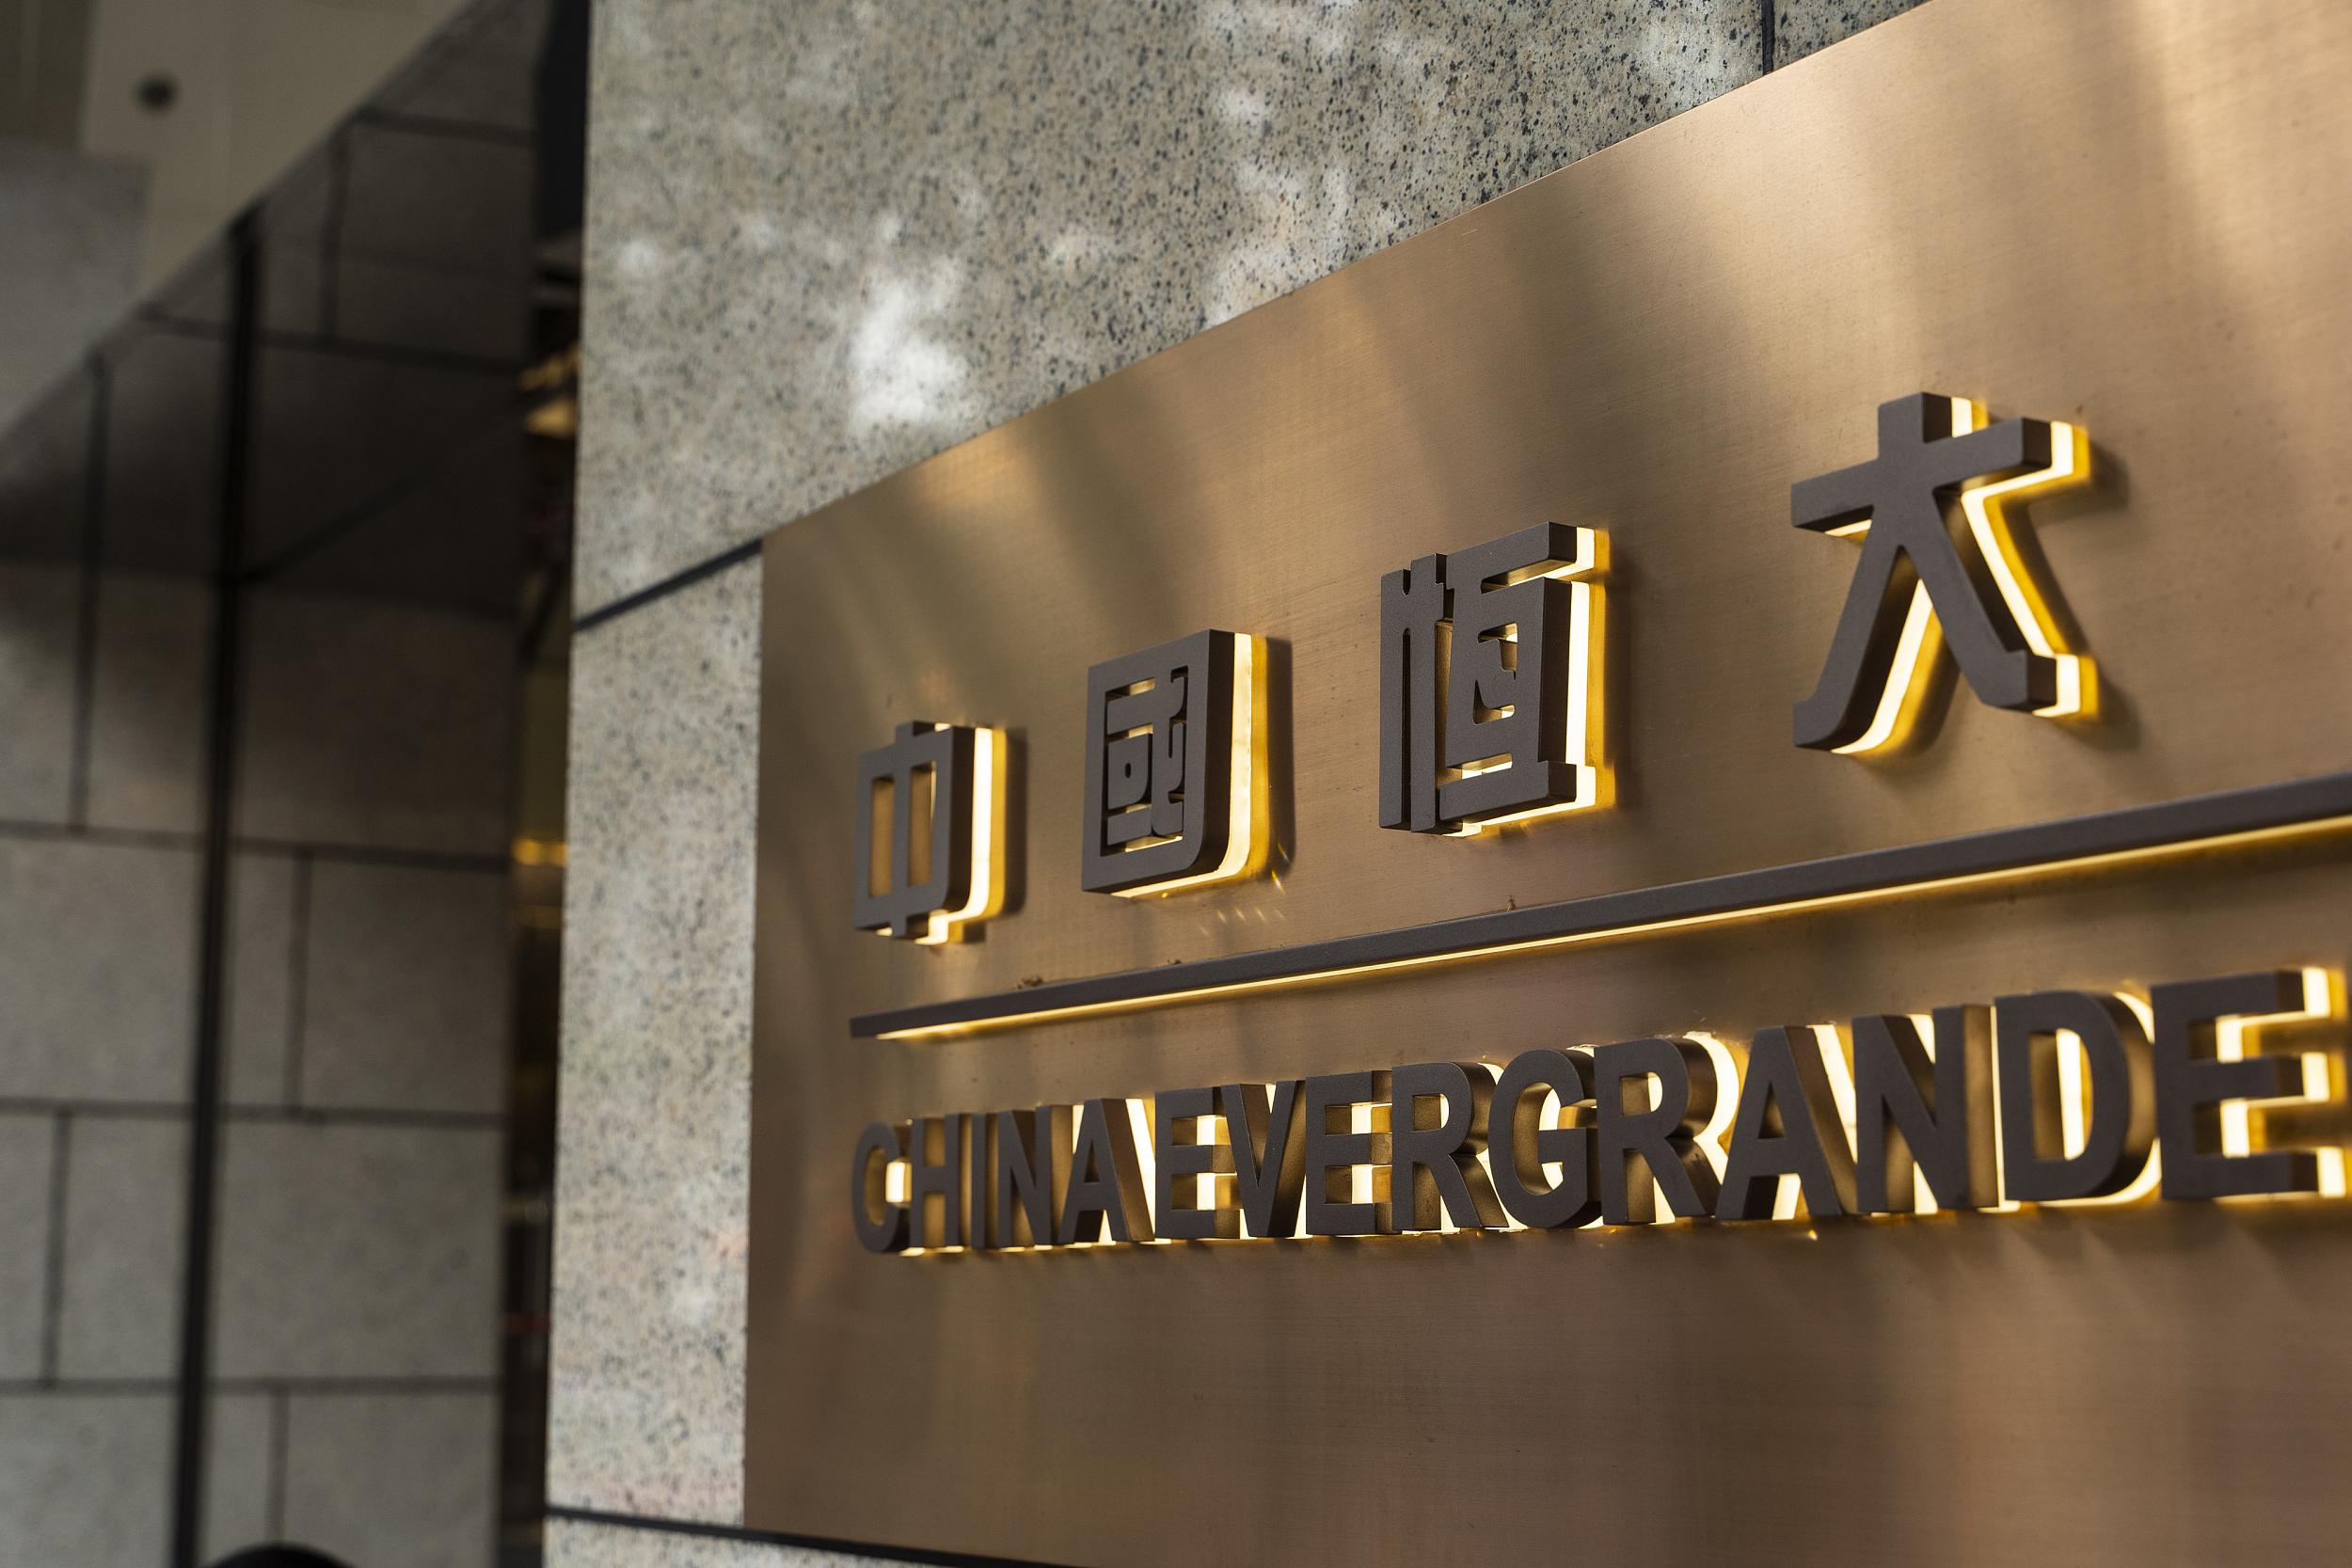 房地产 股债齐跌!中国恒大港股跌6%,恒大地产美元债创7个月最大跌幅